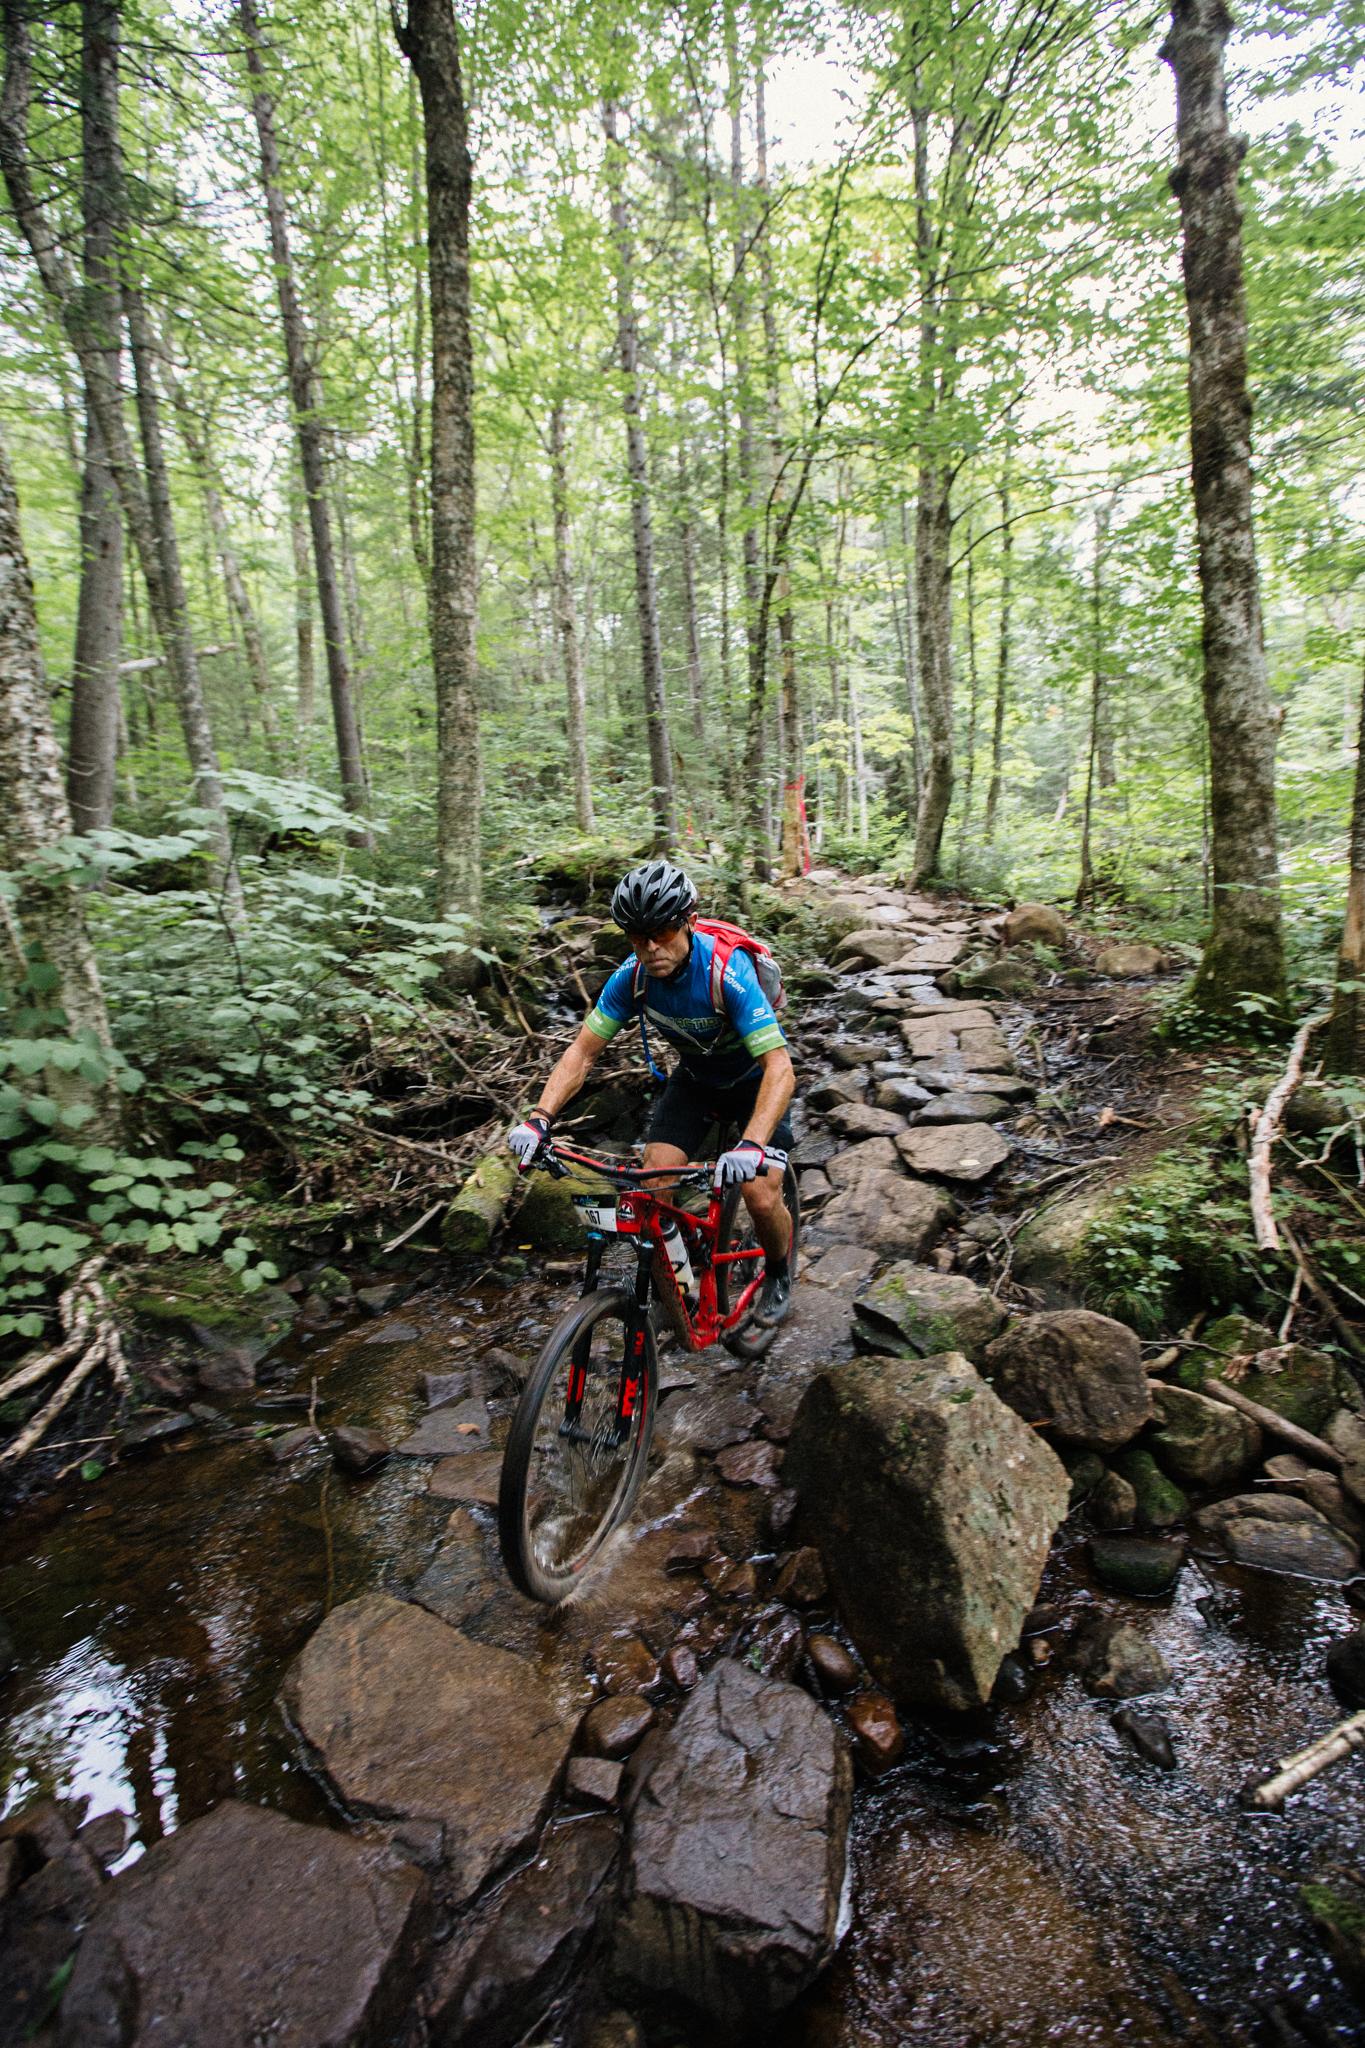 S6 creek rocks